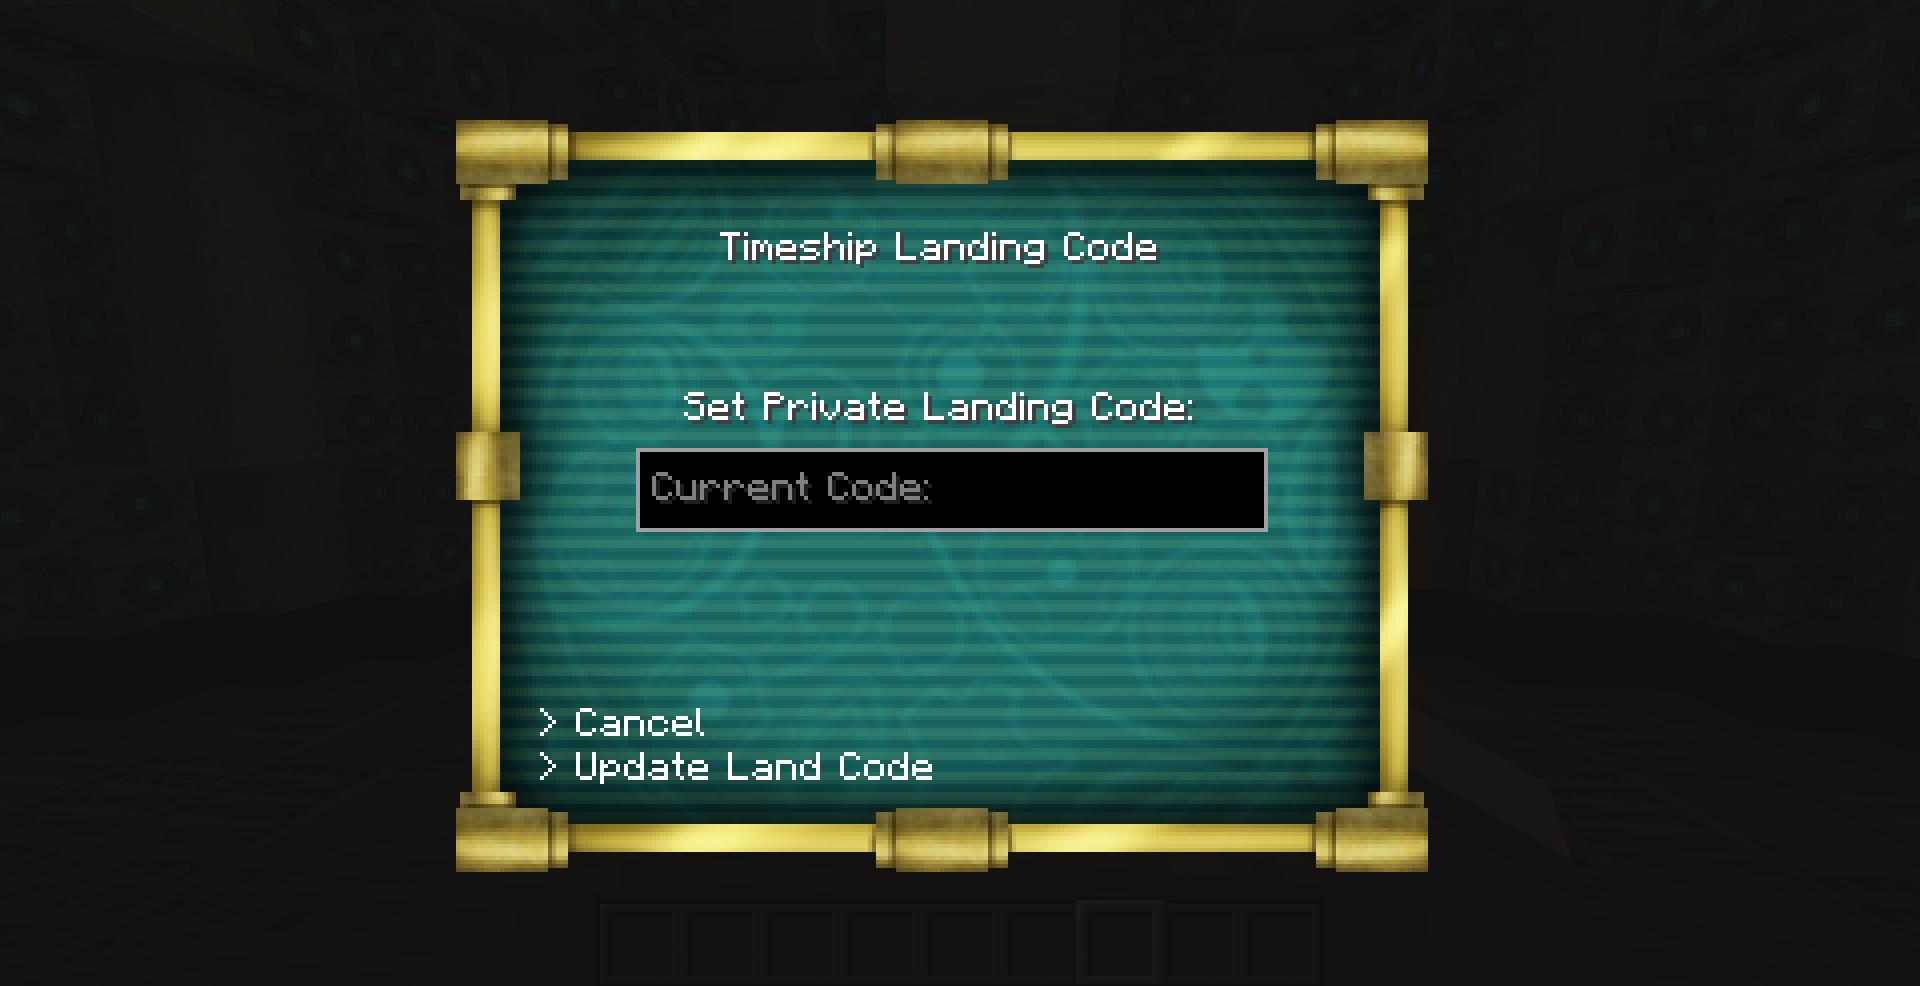 tardis-land-code.png